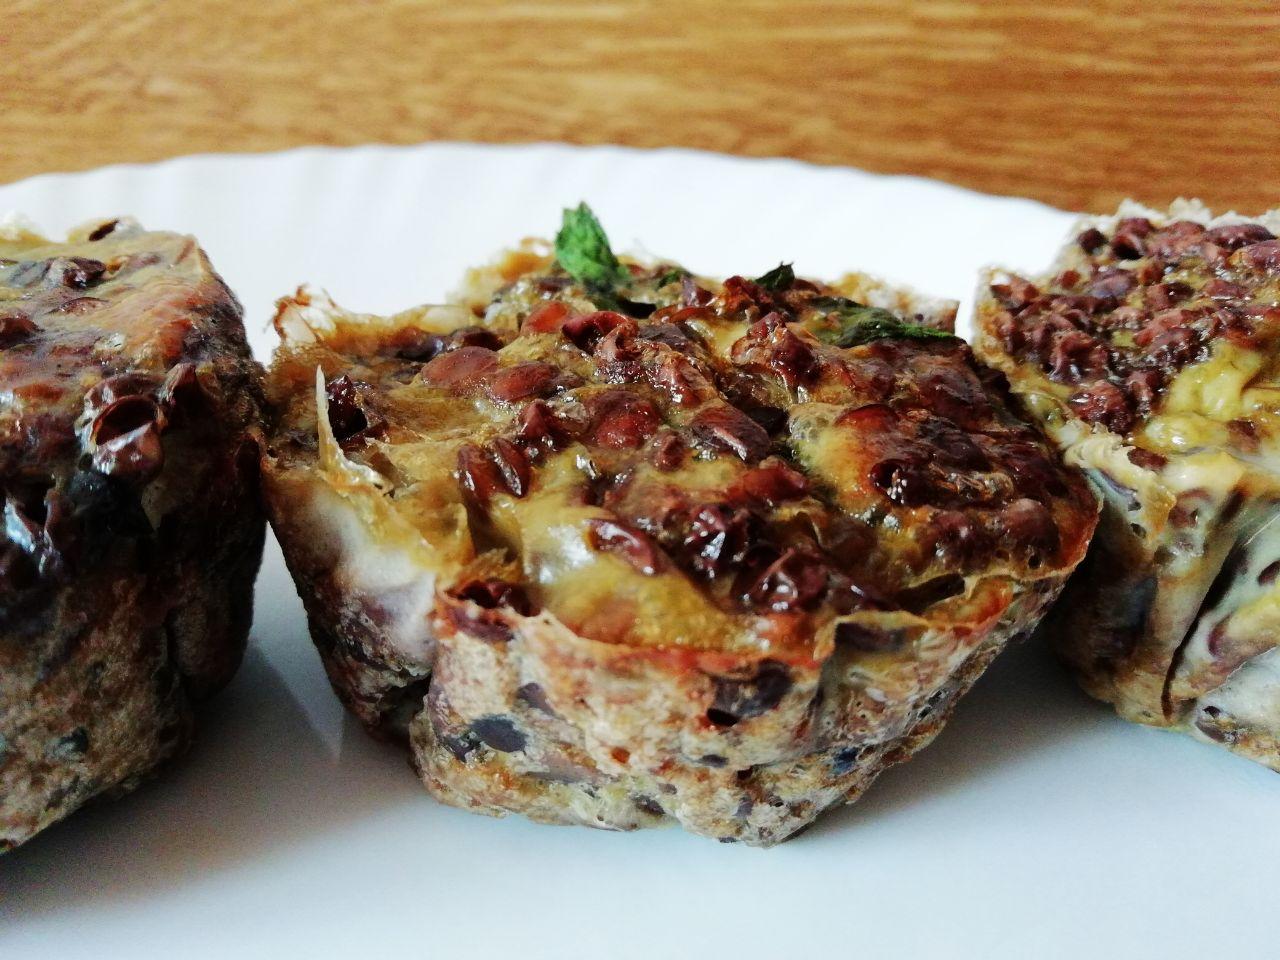 Piatti unici: tortini di lenticchie al vapore, senza formaggio e senza burro!